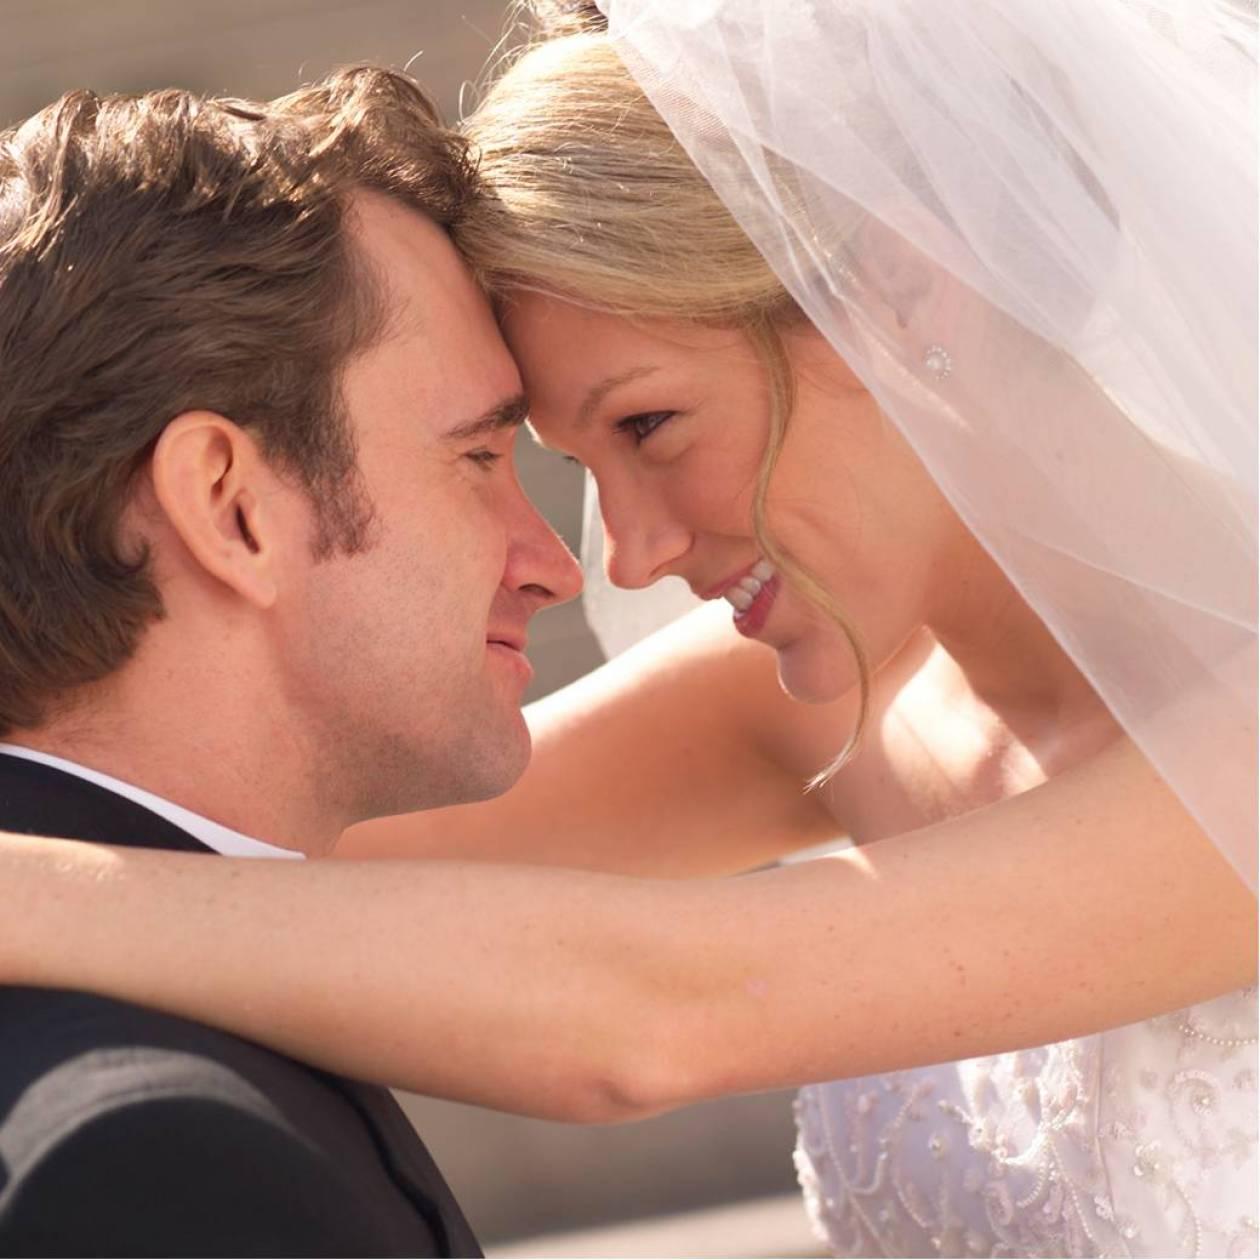 Ο γάμος κάνει καλύτερους τους άνδρες!